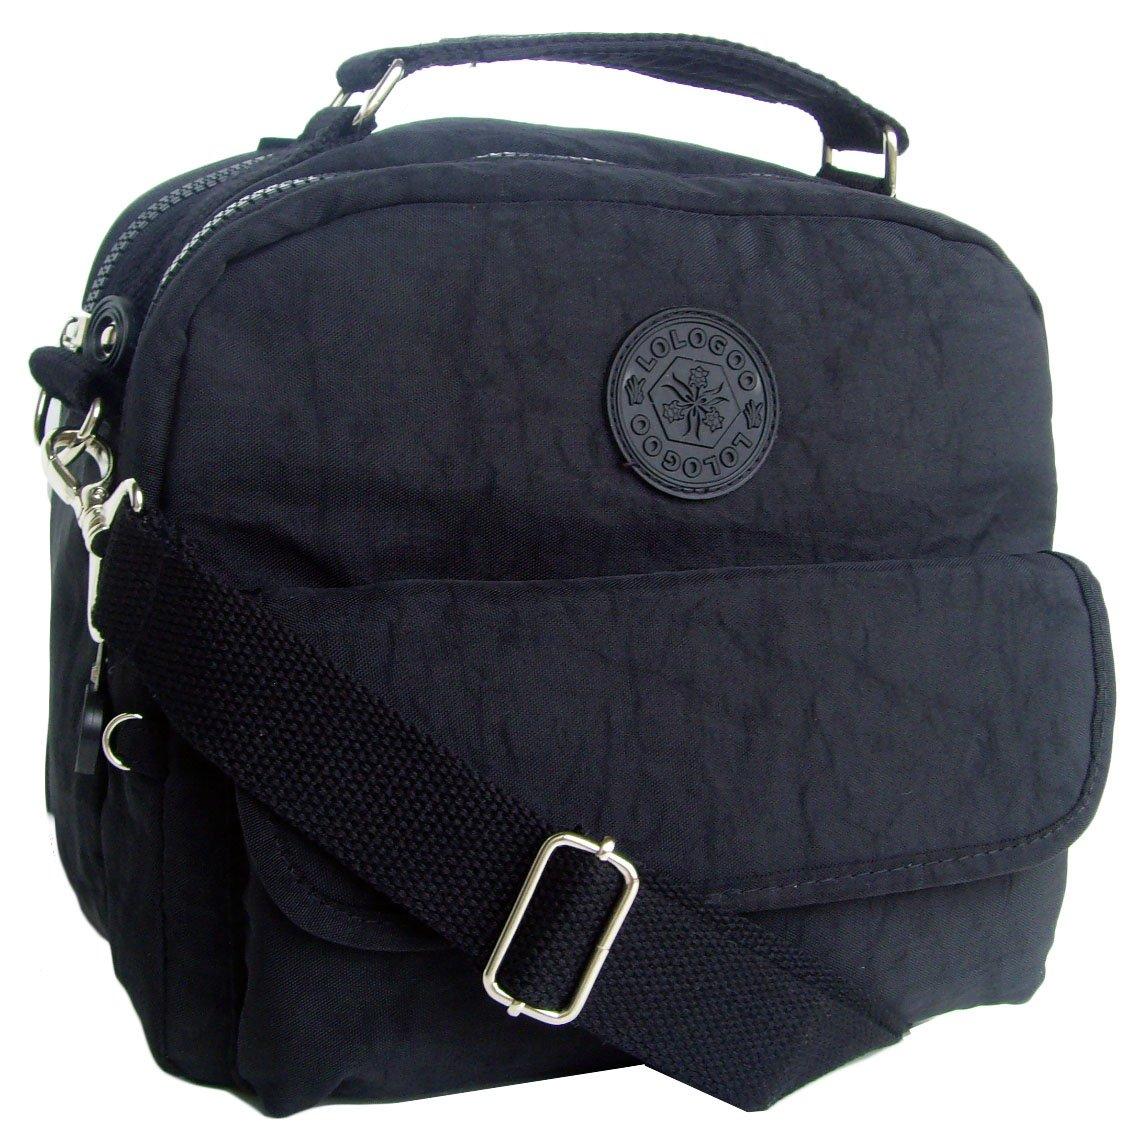 HONG YE Pure Stripe Slouch Bag,sku:hb76black7